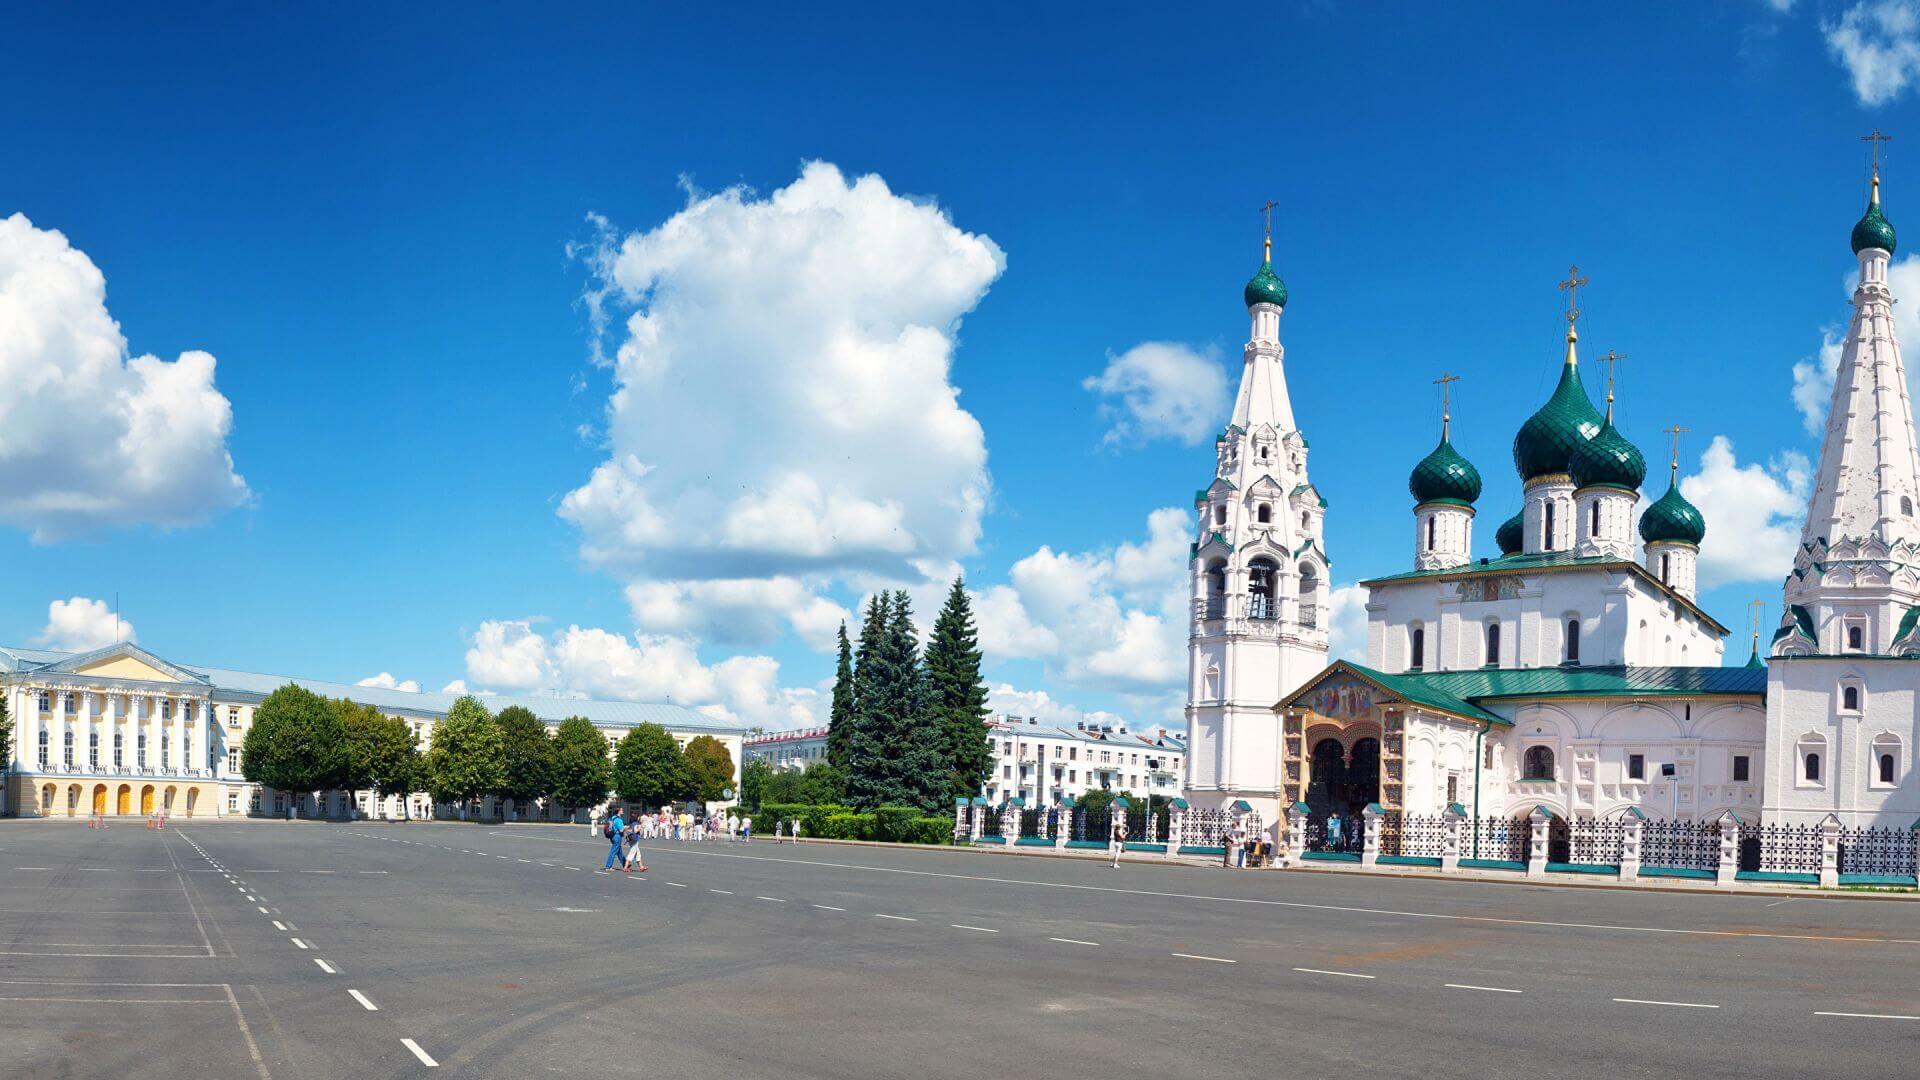 Ярославль – столица Золотого кольца